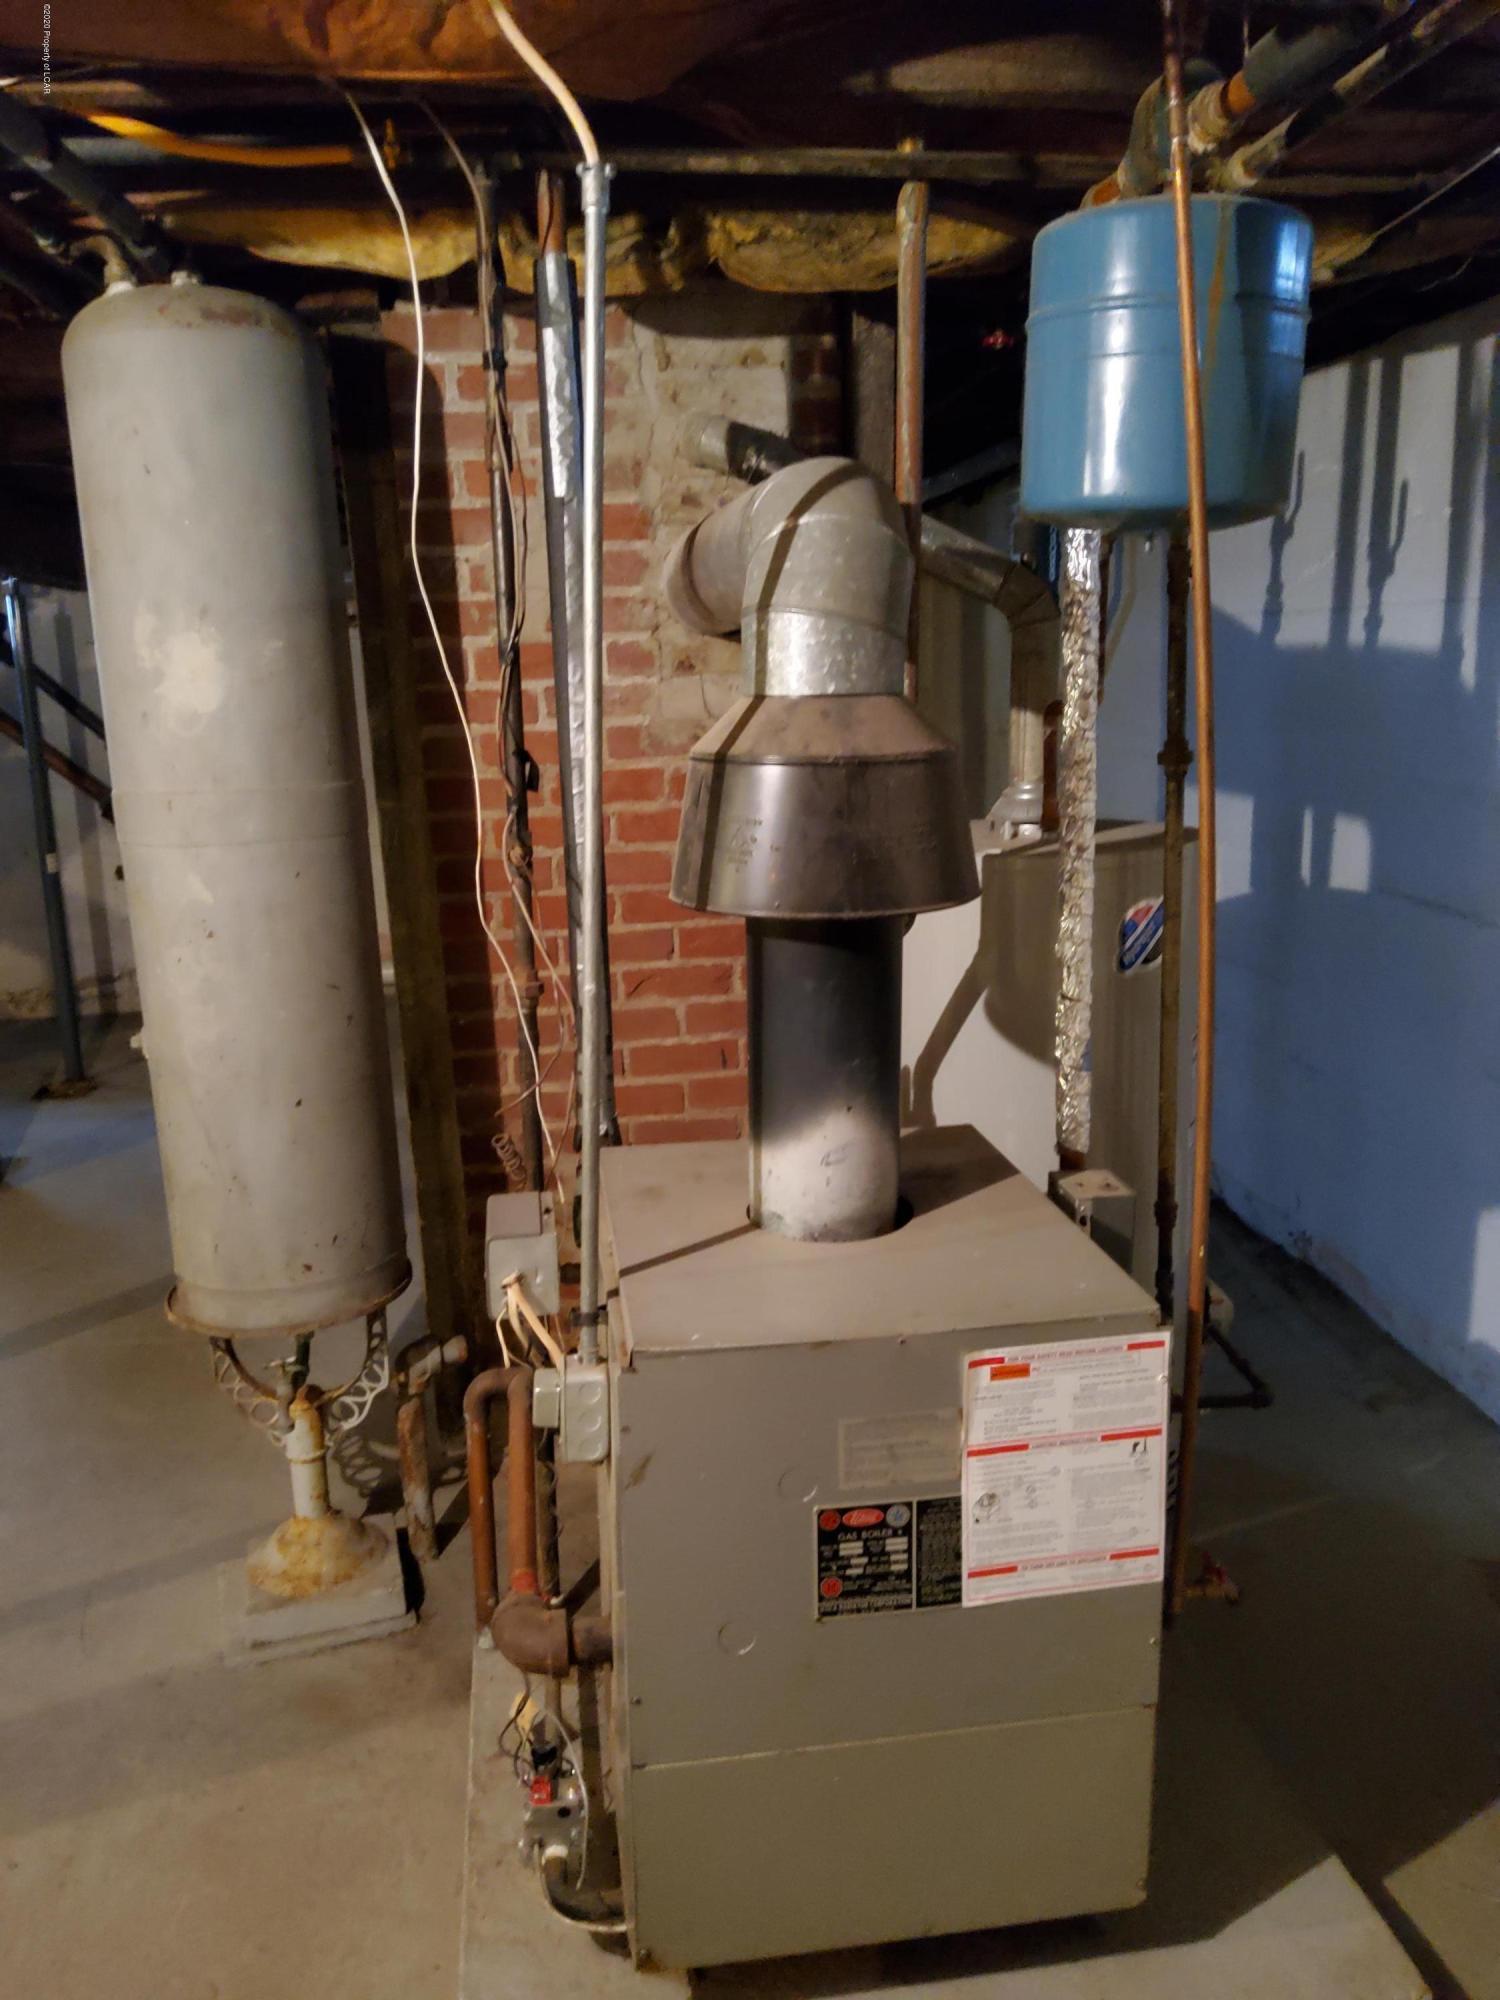 Boiler/Heater